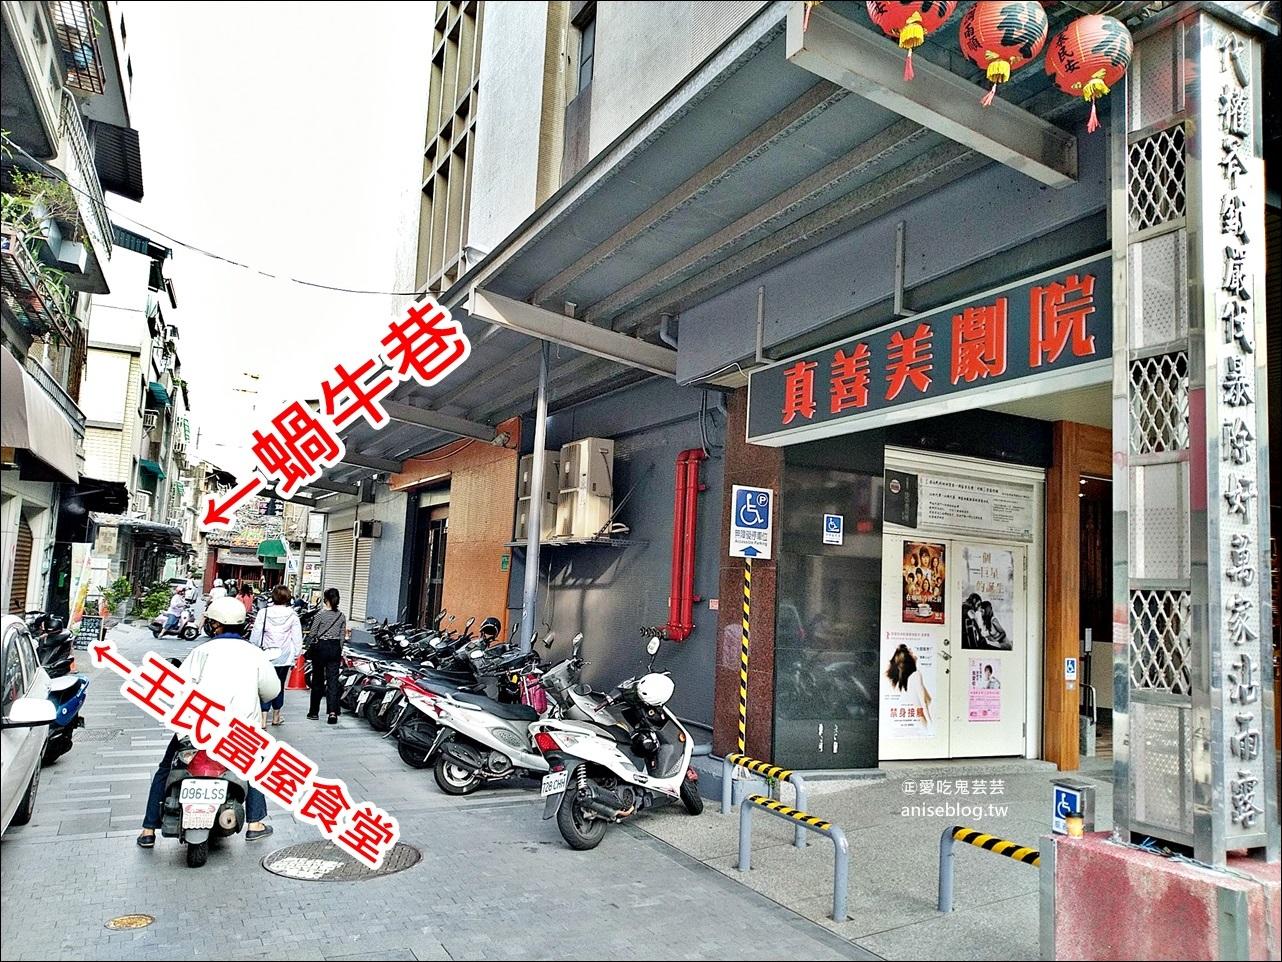 台南新景點,蝸牛巷數蝸牛悠閒漫步過生活,台南歷史街區改造熱門IG打卡景點(姊姊遊記)